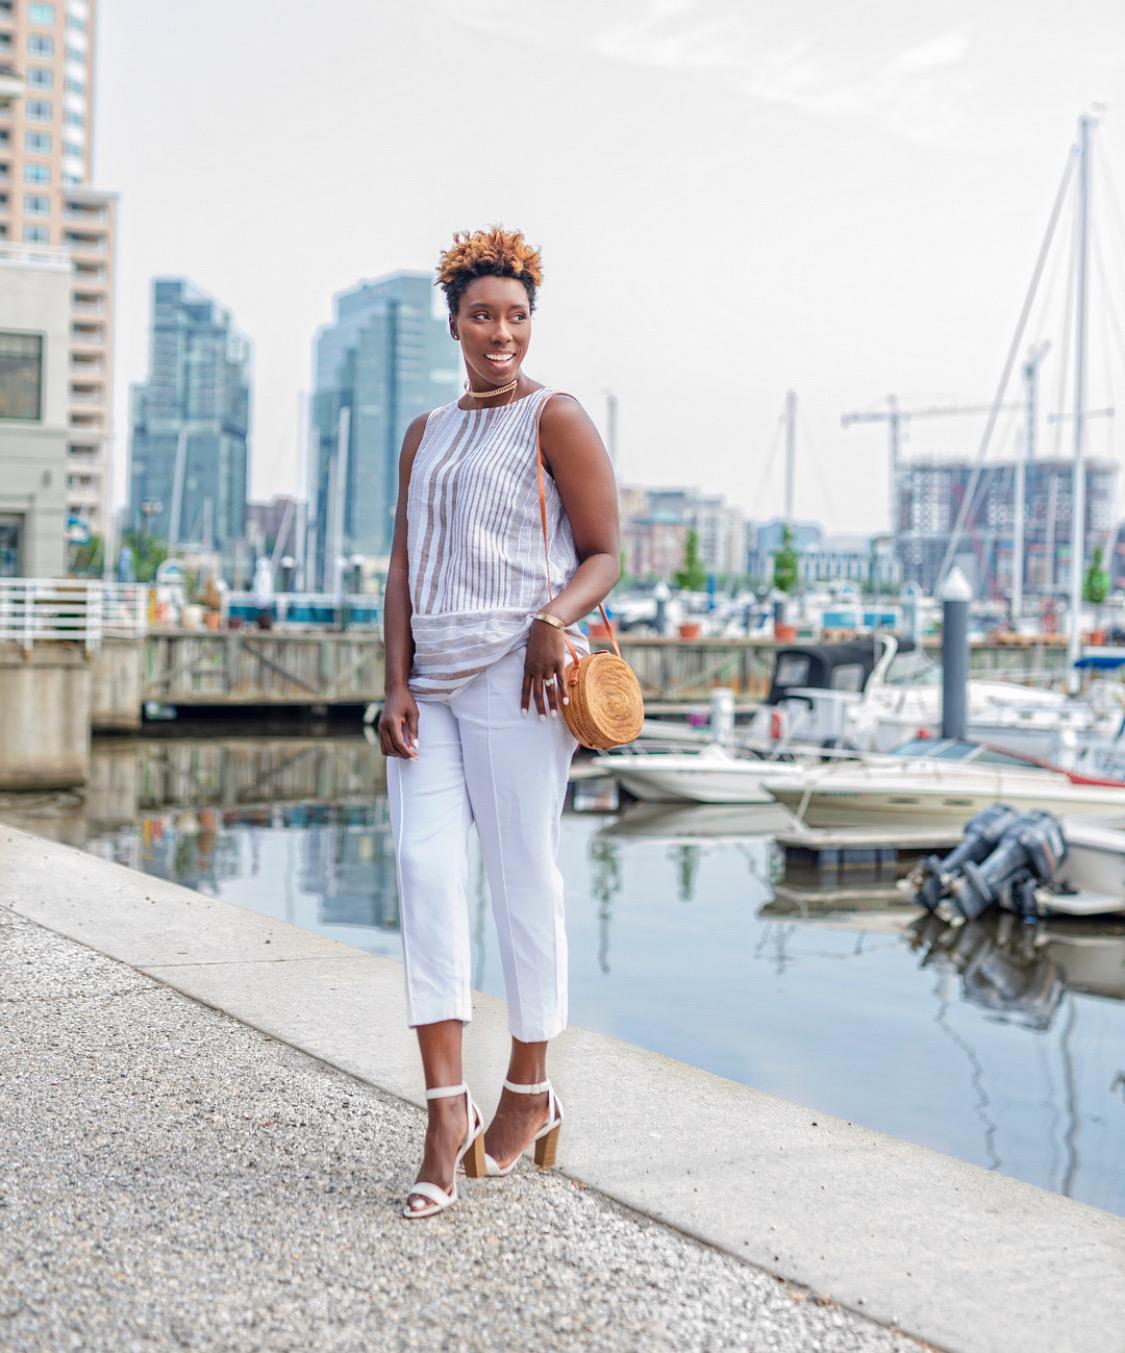 Dayna_bolden-baltimore-blogger-16.jpg